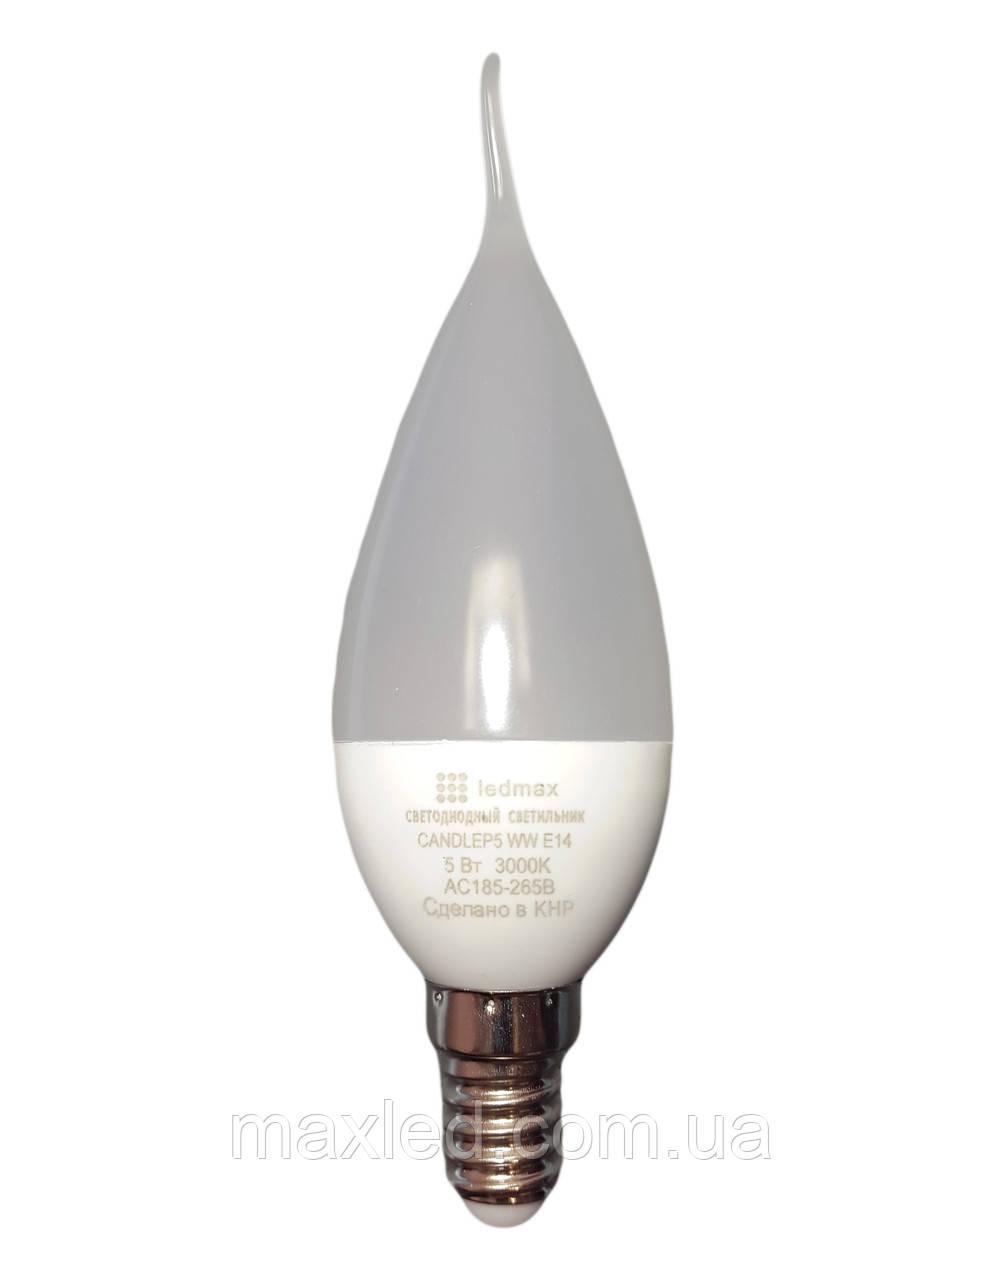 Светодиодная лампа LEDMAX CANDLEP5 WW Е14 220В